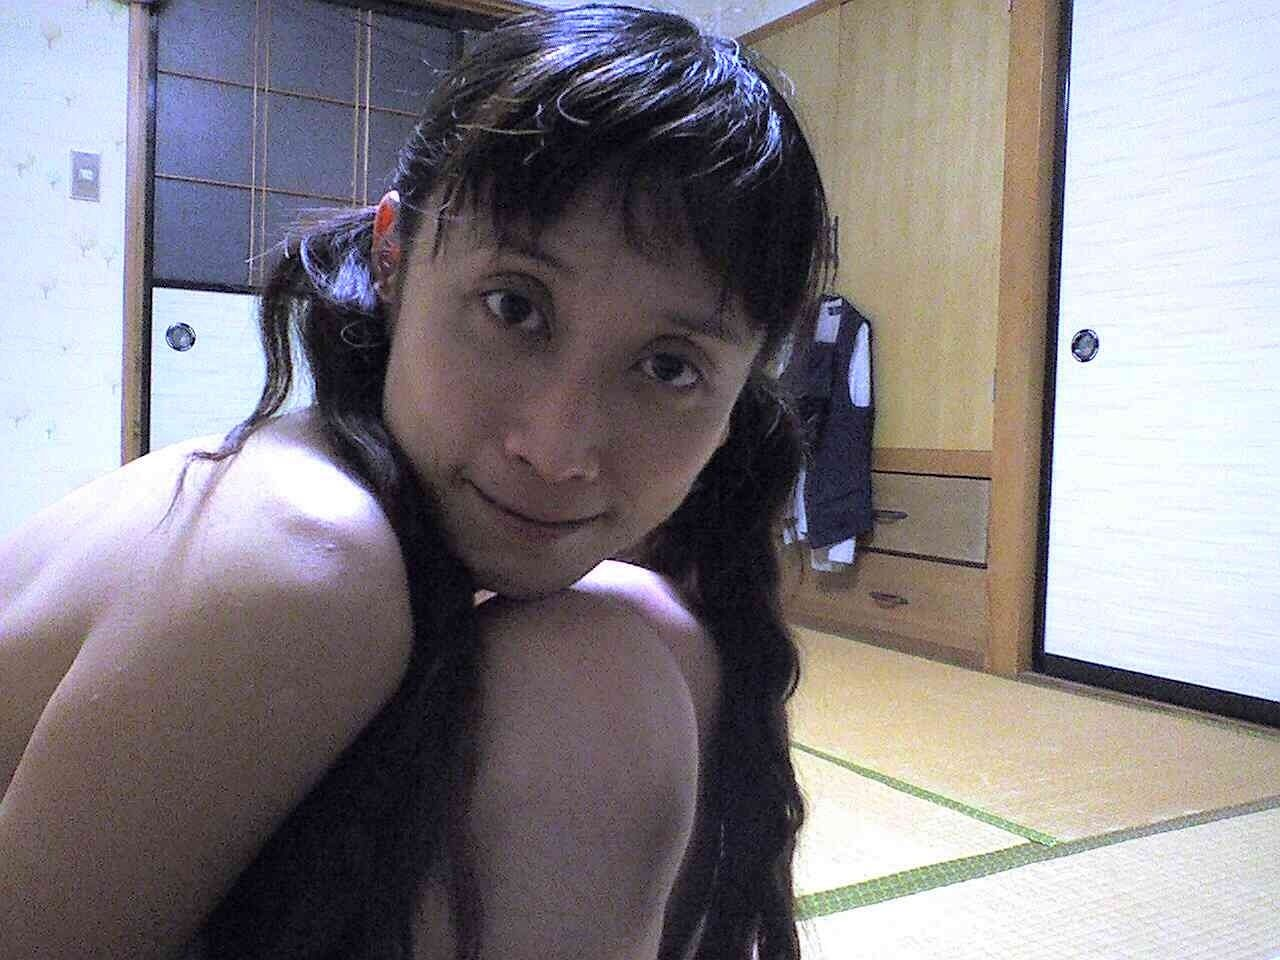 彼女・セフレのエッチな画像・動画を晒したいpart66 [無断転載禁止]©bbspink.com->画像>383枚